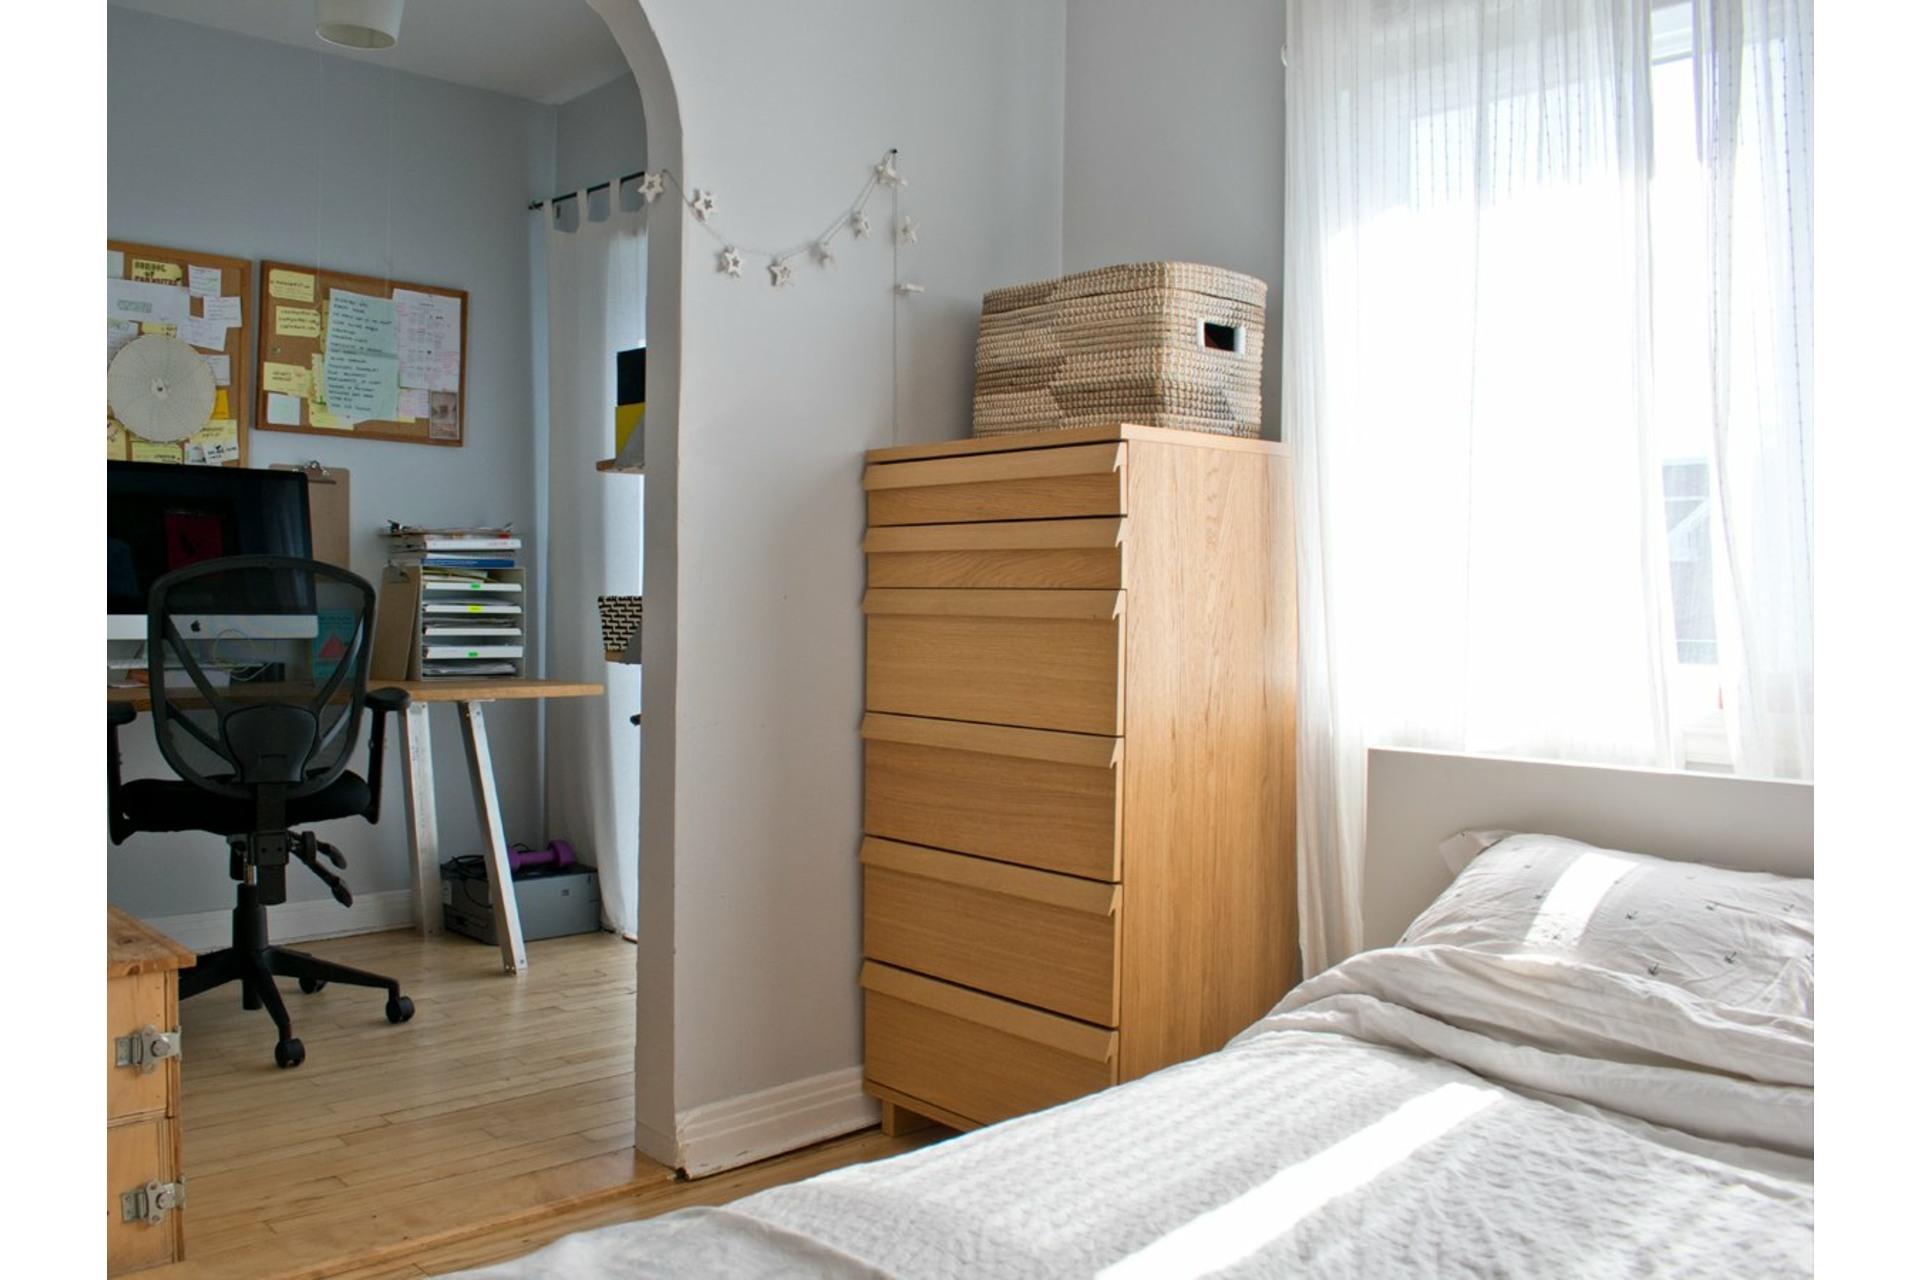 image 17 - Maison À vendre Villeray/Saint-Michel/Parc-Extension Montréal  - 9 pièces